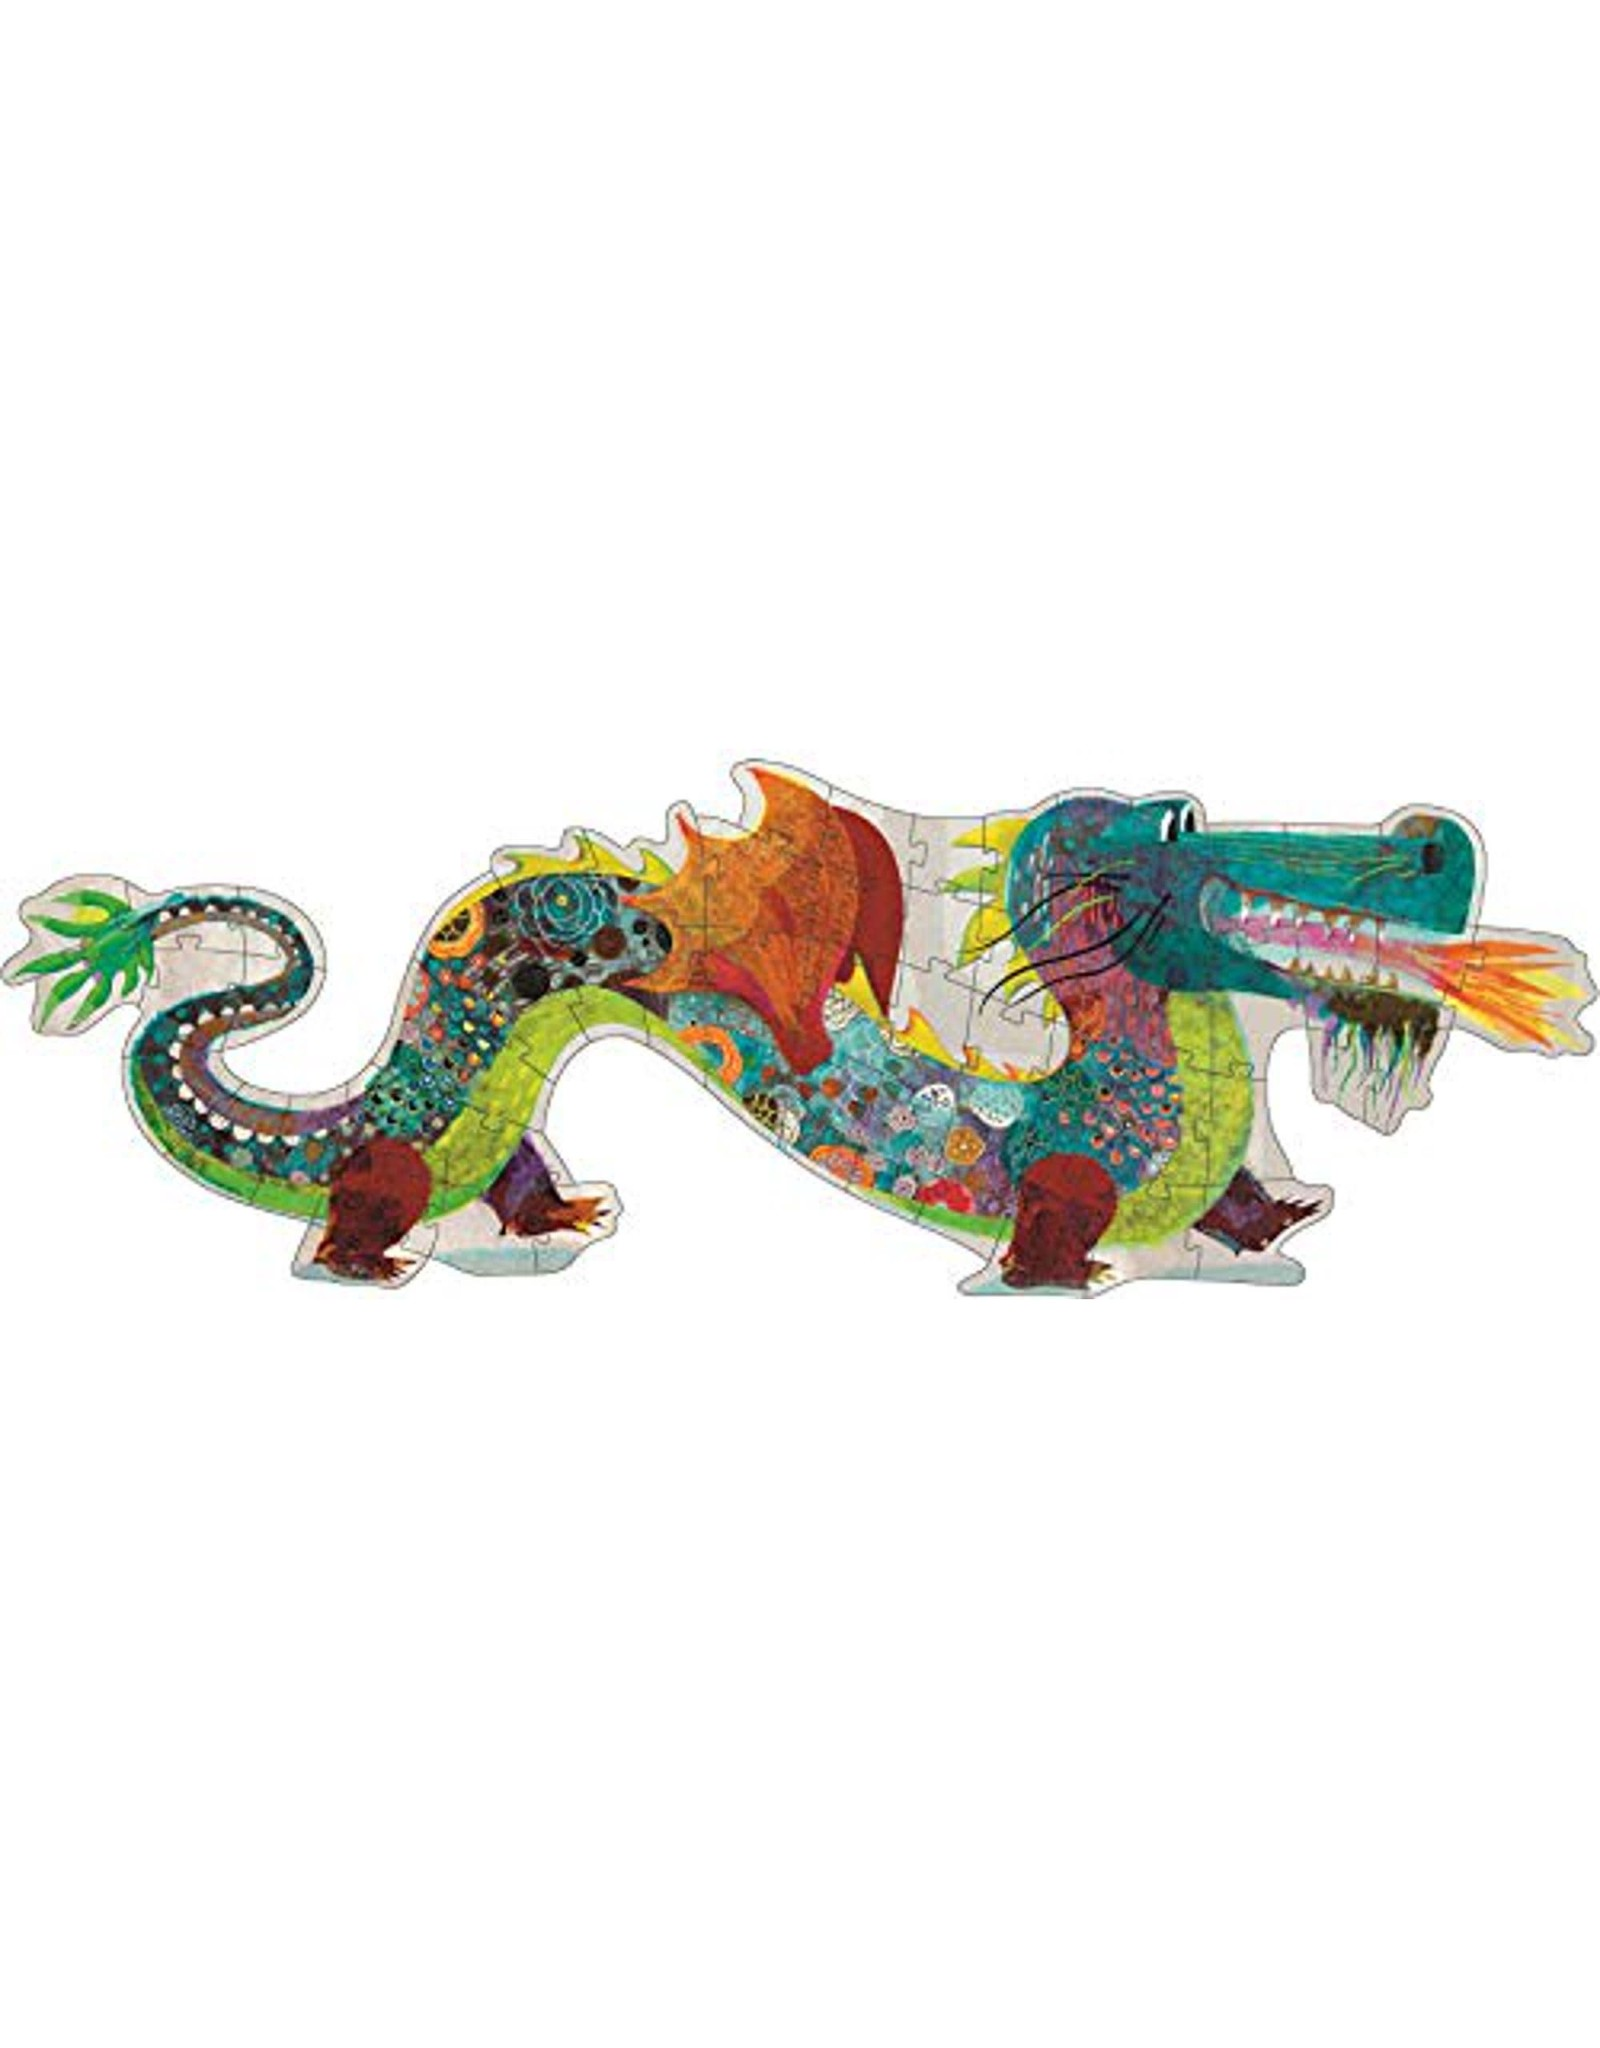 Djeco 58 pcs Leon the Dragon Giant Floor Puzzle